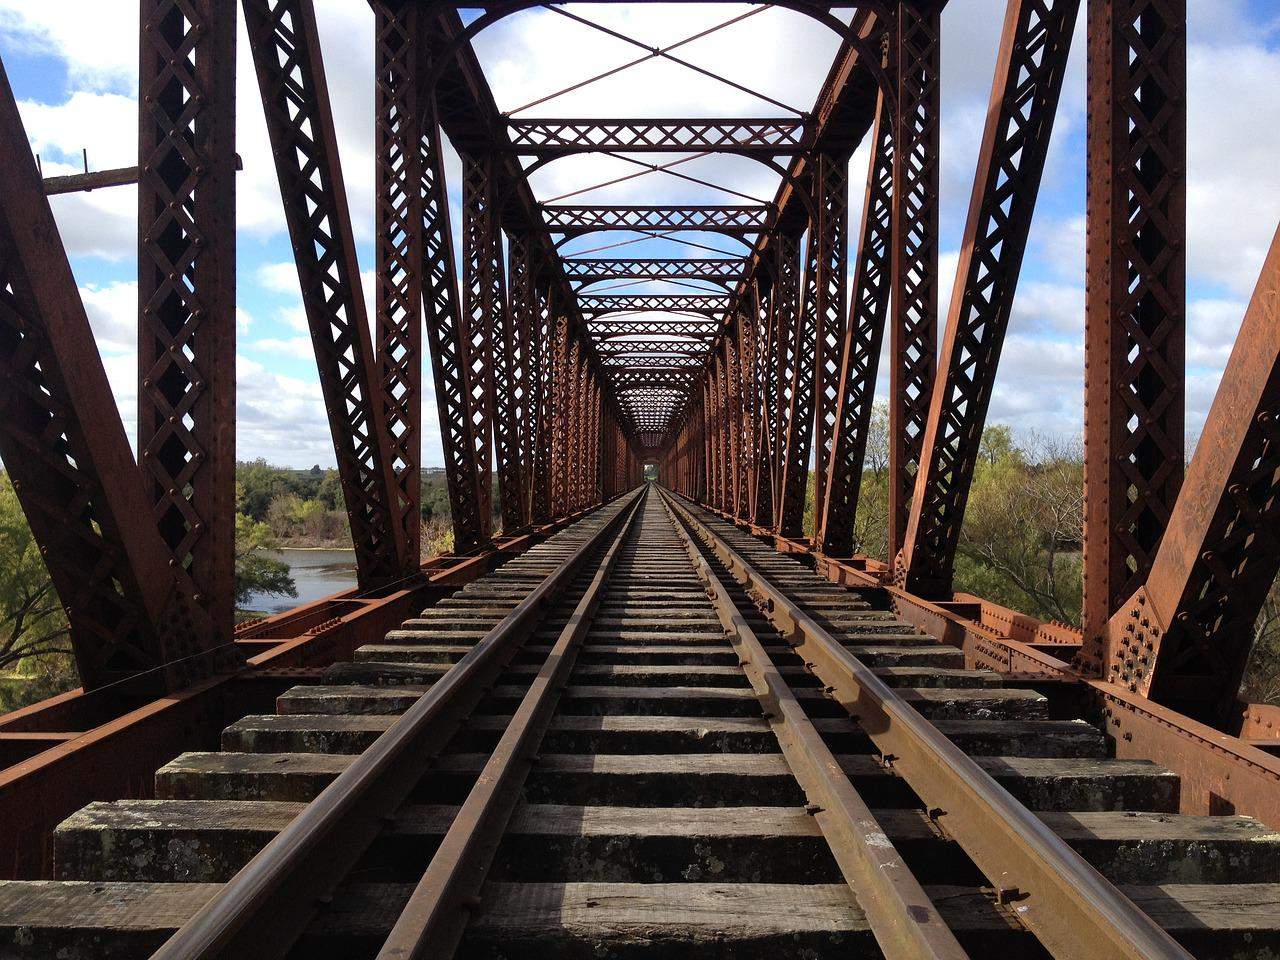 железная дорога металл фото тренировки практически вошли